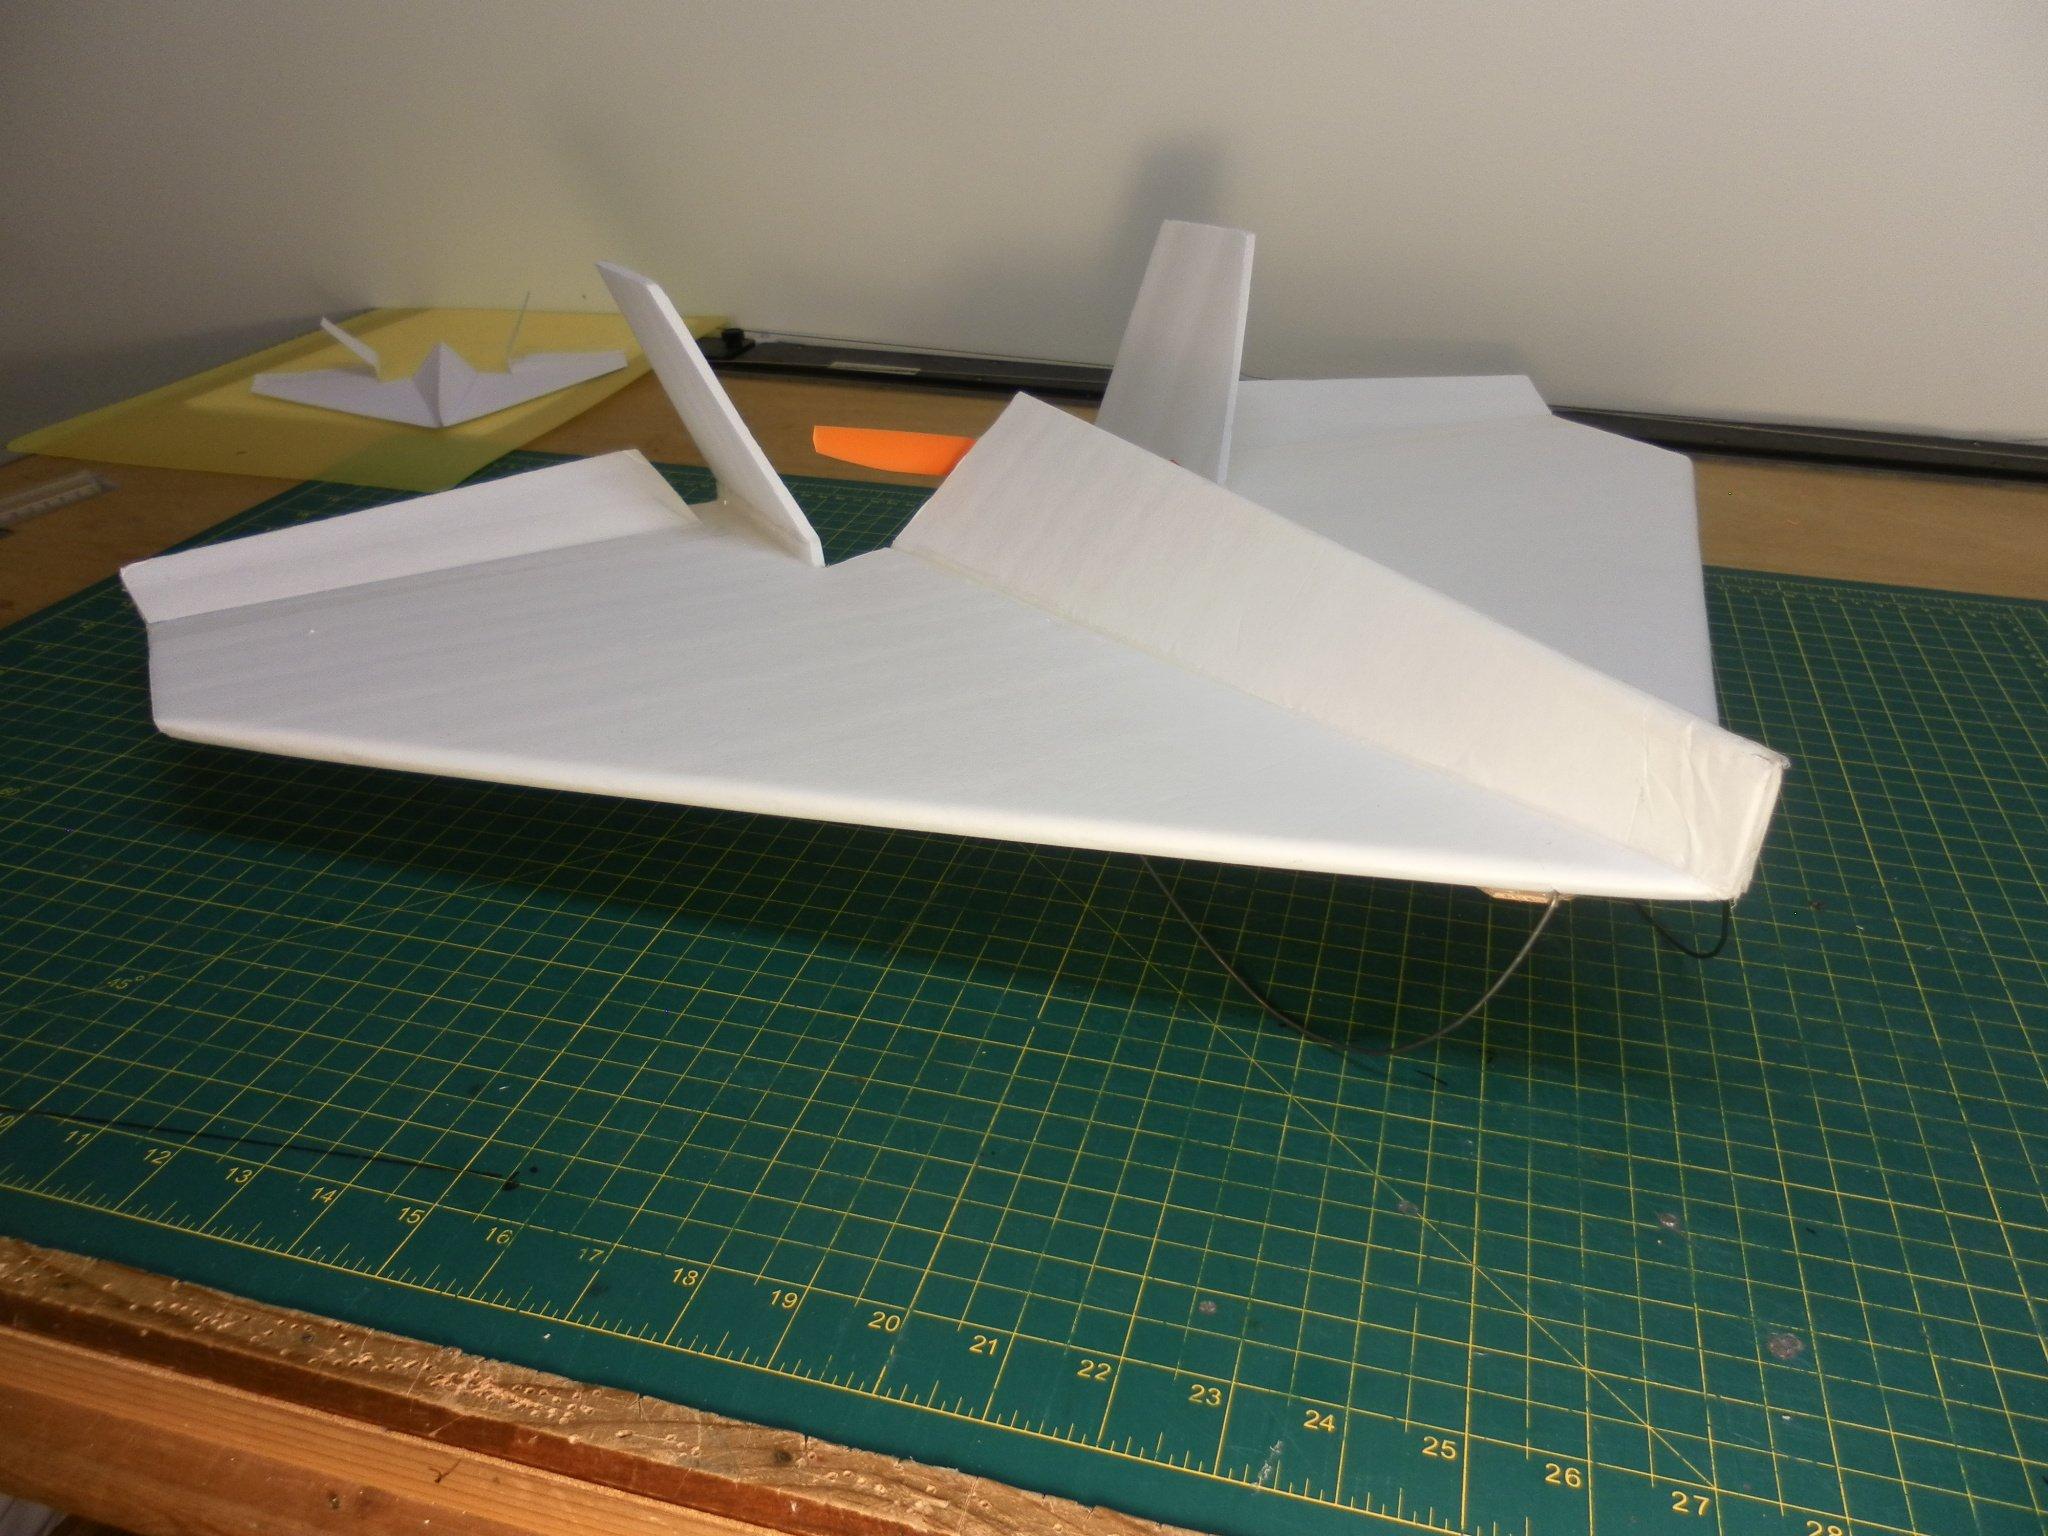 固定翼航模技术讨论区 69 飞翼/三角翼/混控机 69 转老外的纸飞机